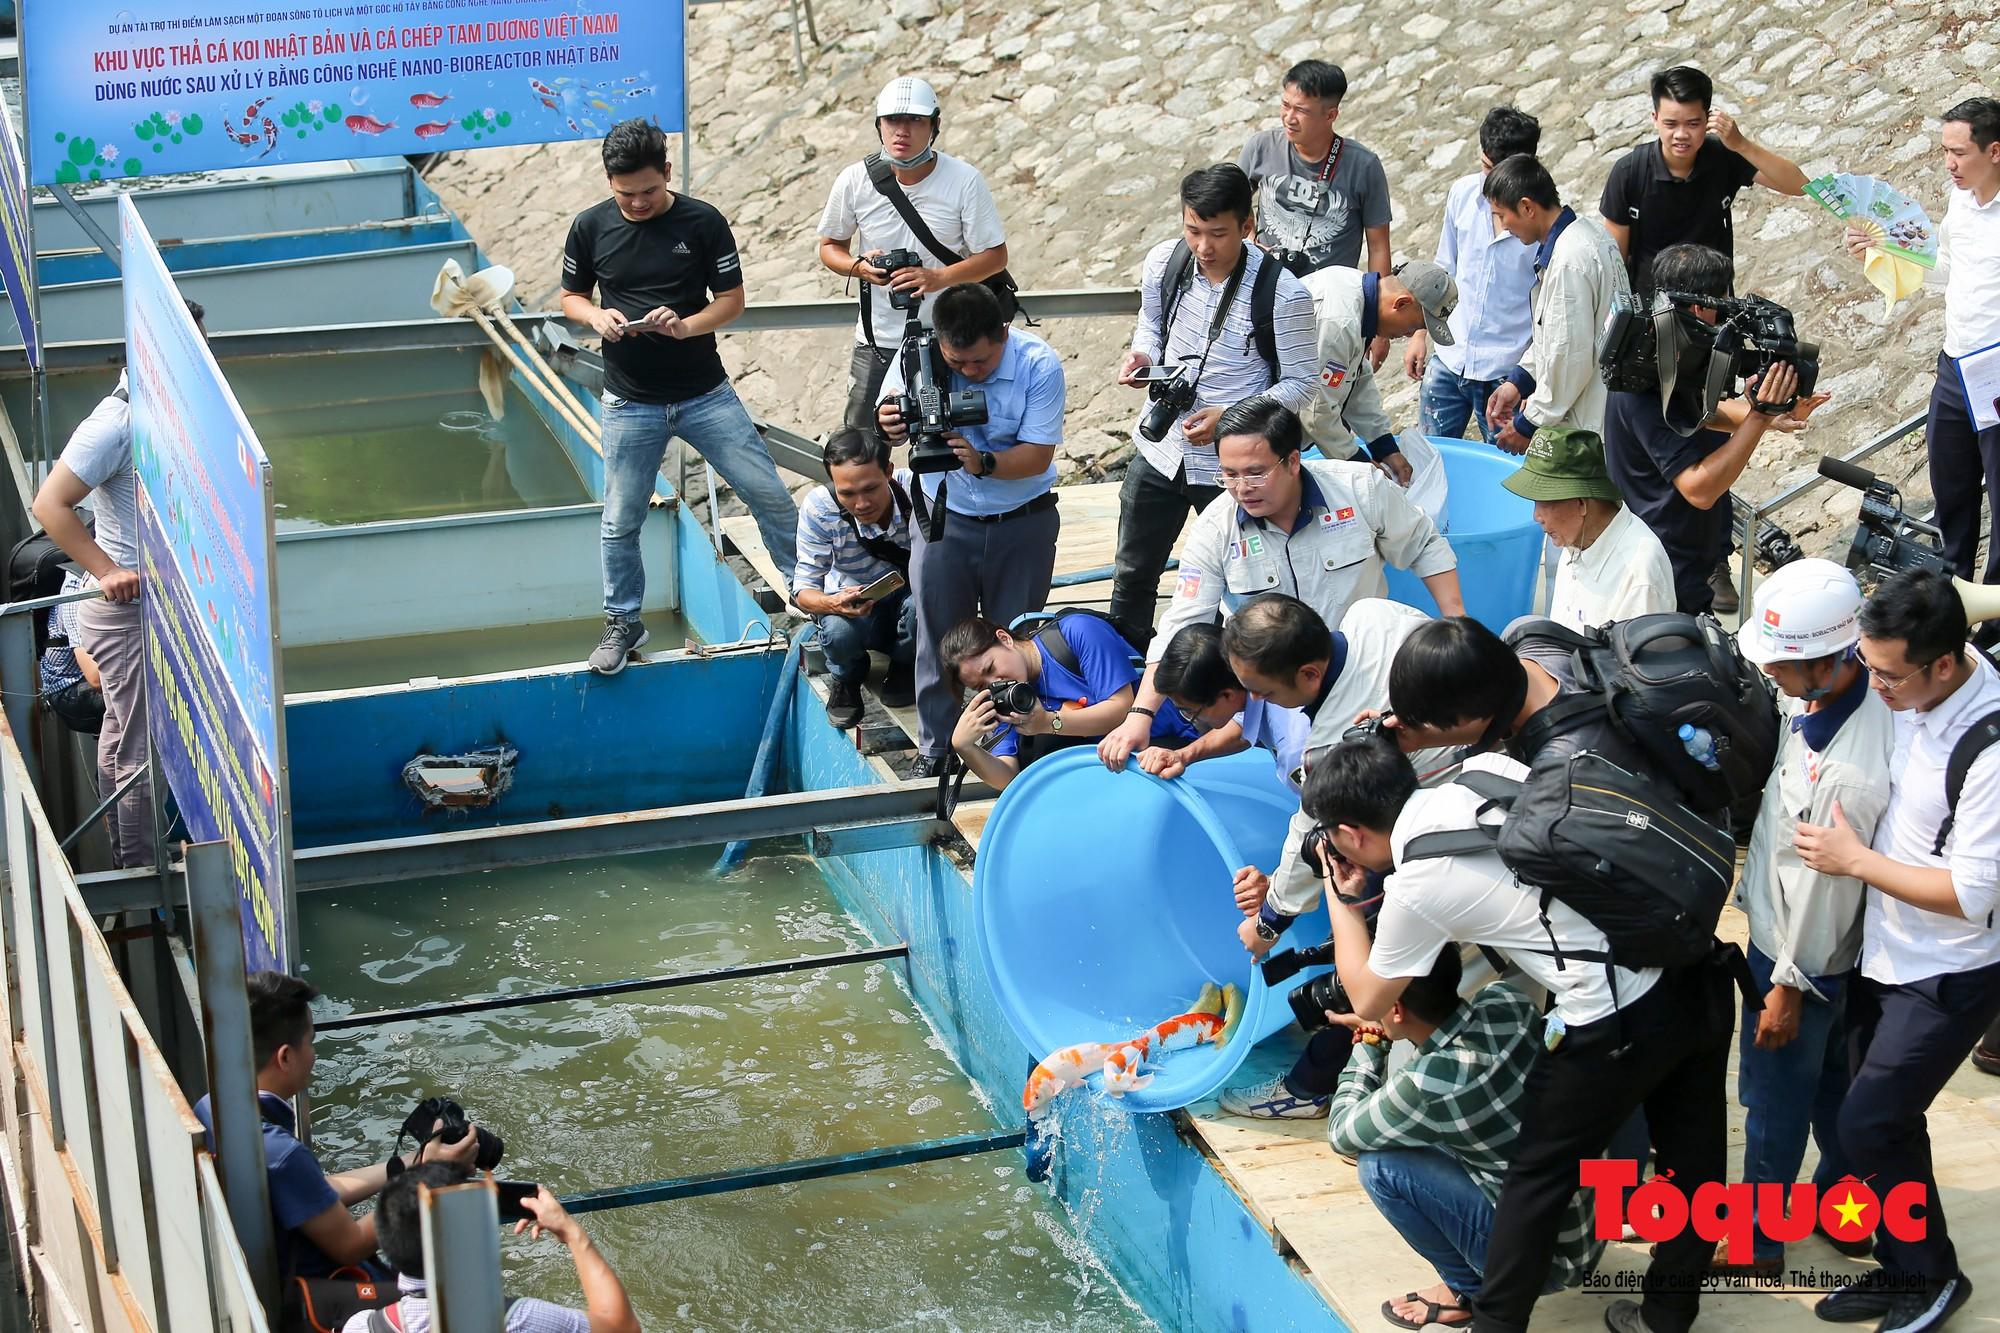 Hà Nội Thả thử nghiệm gần 100 con cá Koi Nhật Bản xuống sông tô lịch và Hồ Tây (6)